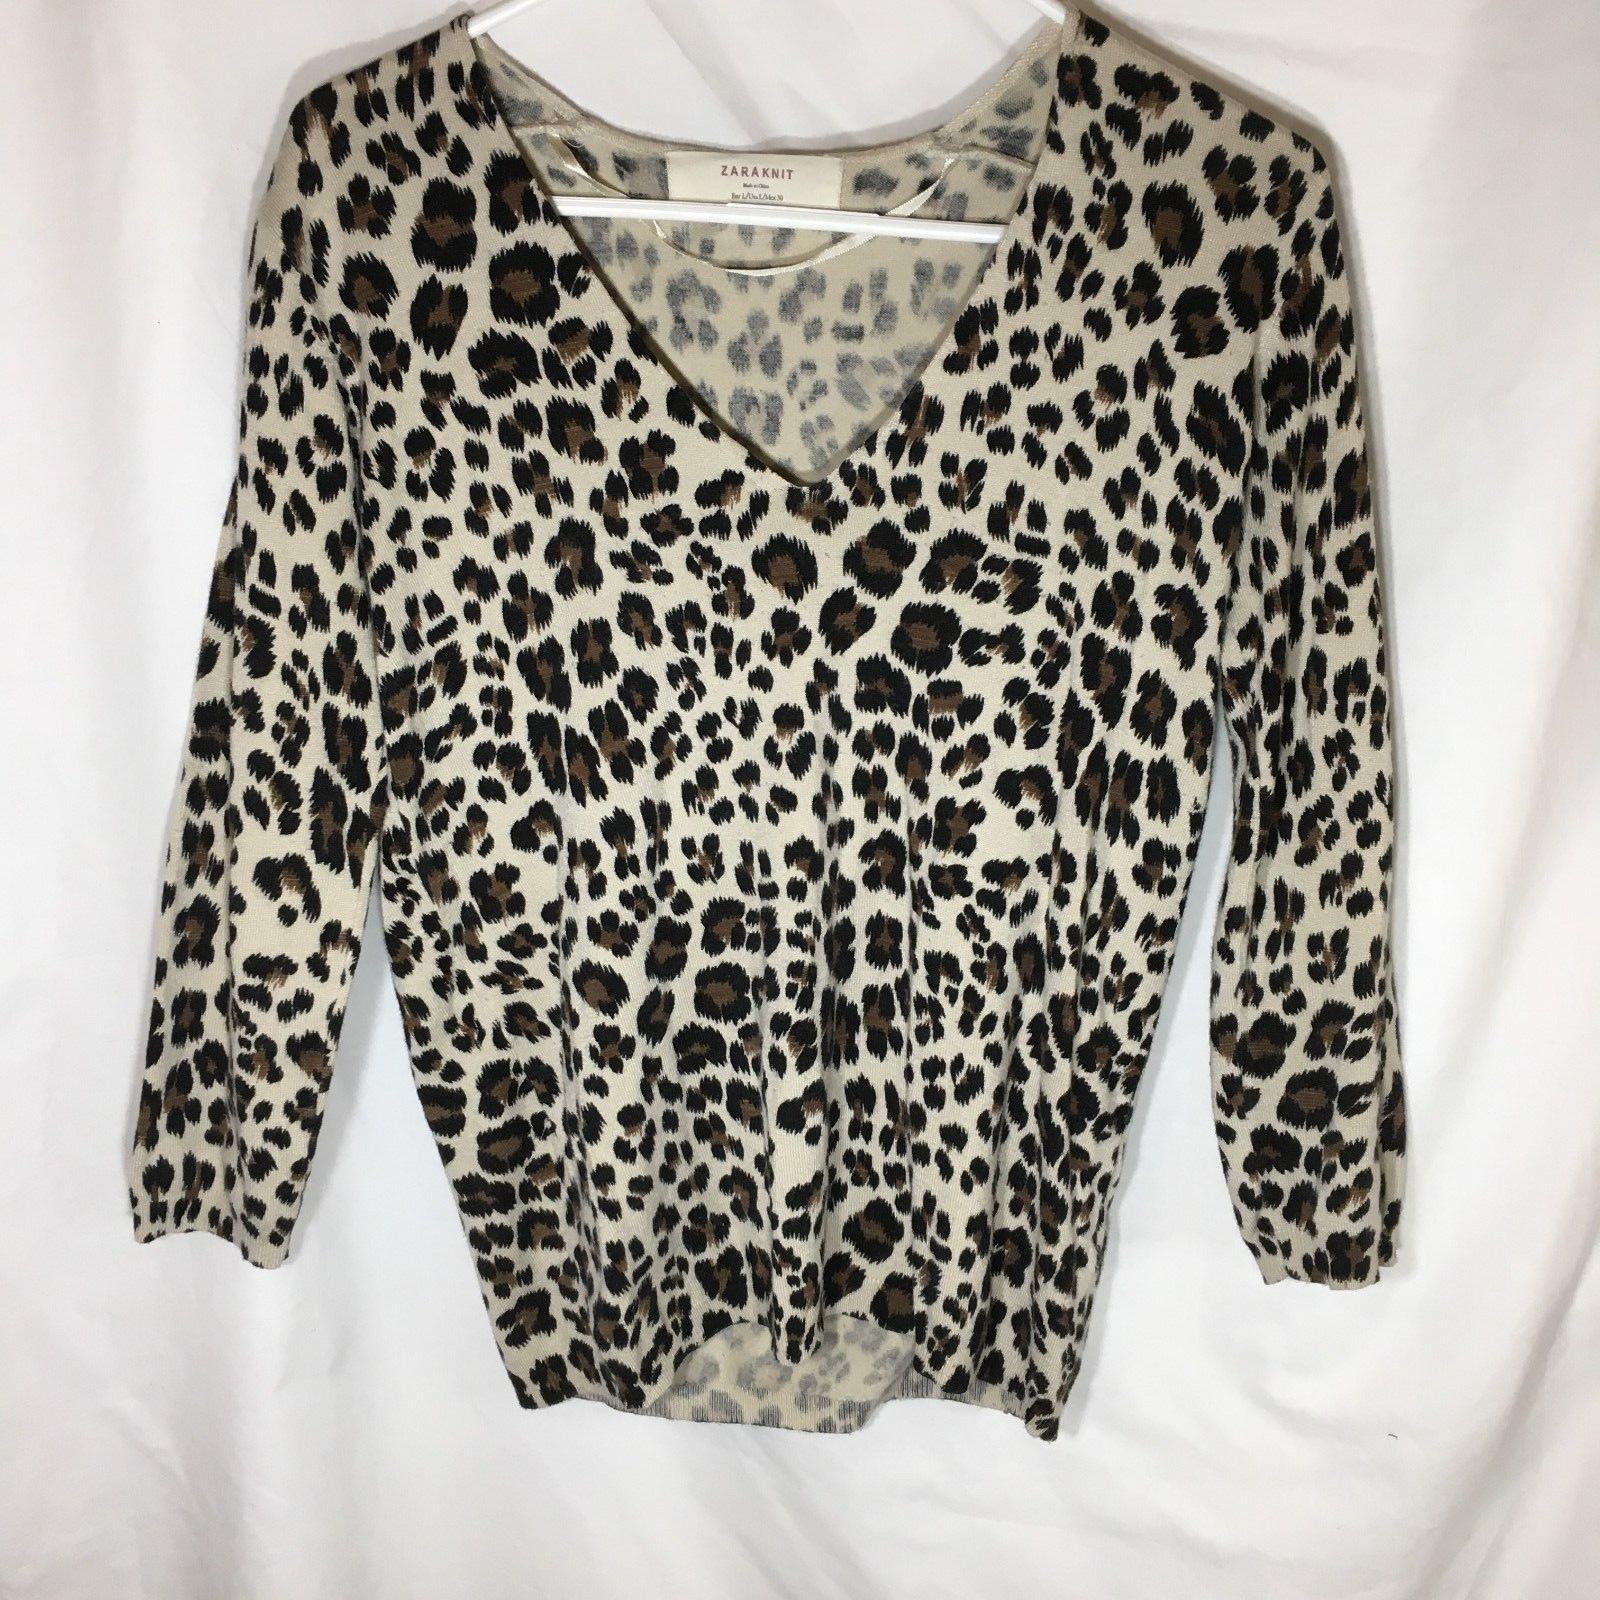 7d0b64e1a5f1 15.99 | Zara Knit Women's Size Large Leopard Print Stretchy V-Neck Knit Top  ❤ #zara #knit #womens #size #large #leopard #print #stretchy #neck  #Invierno ...